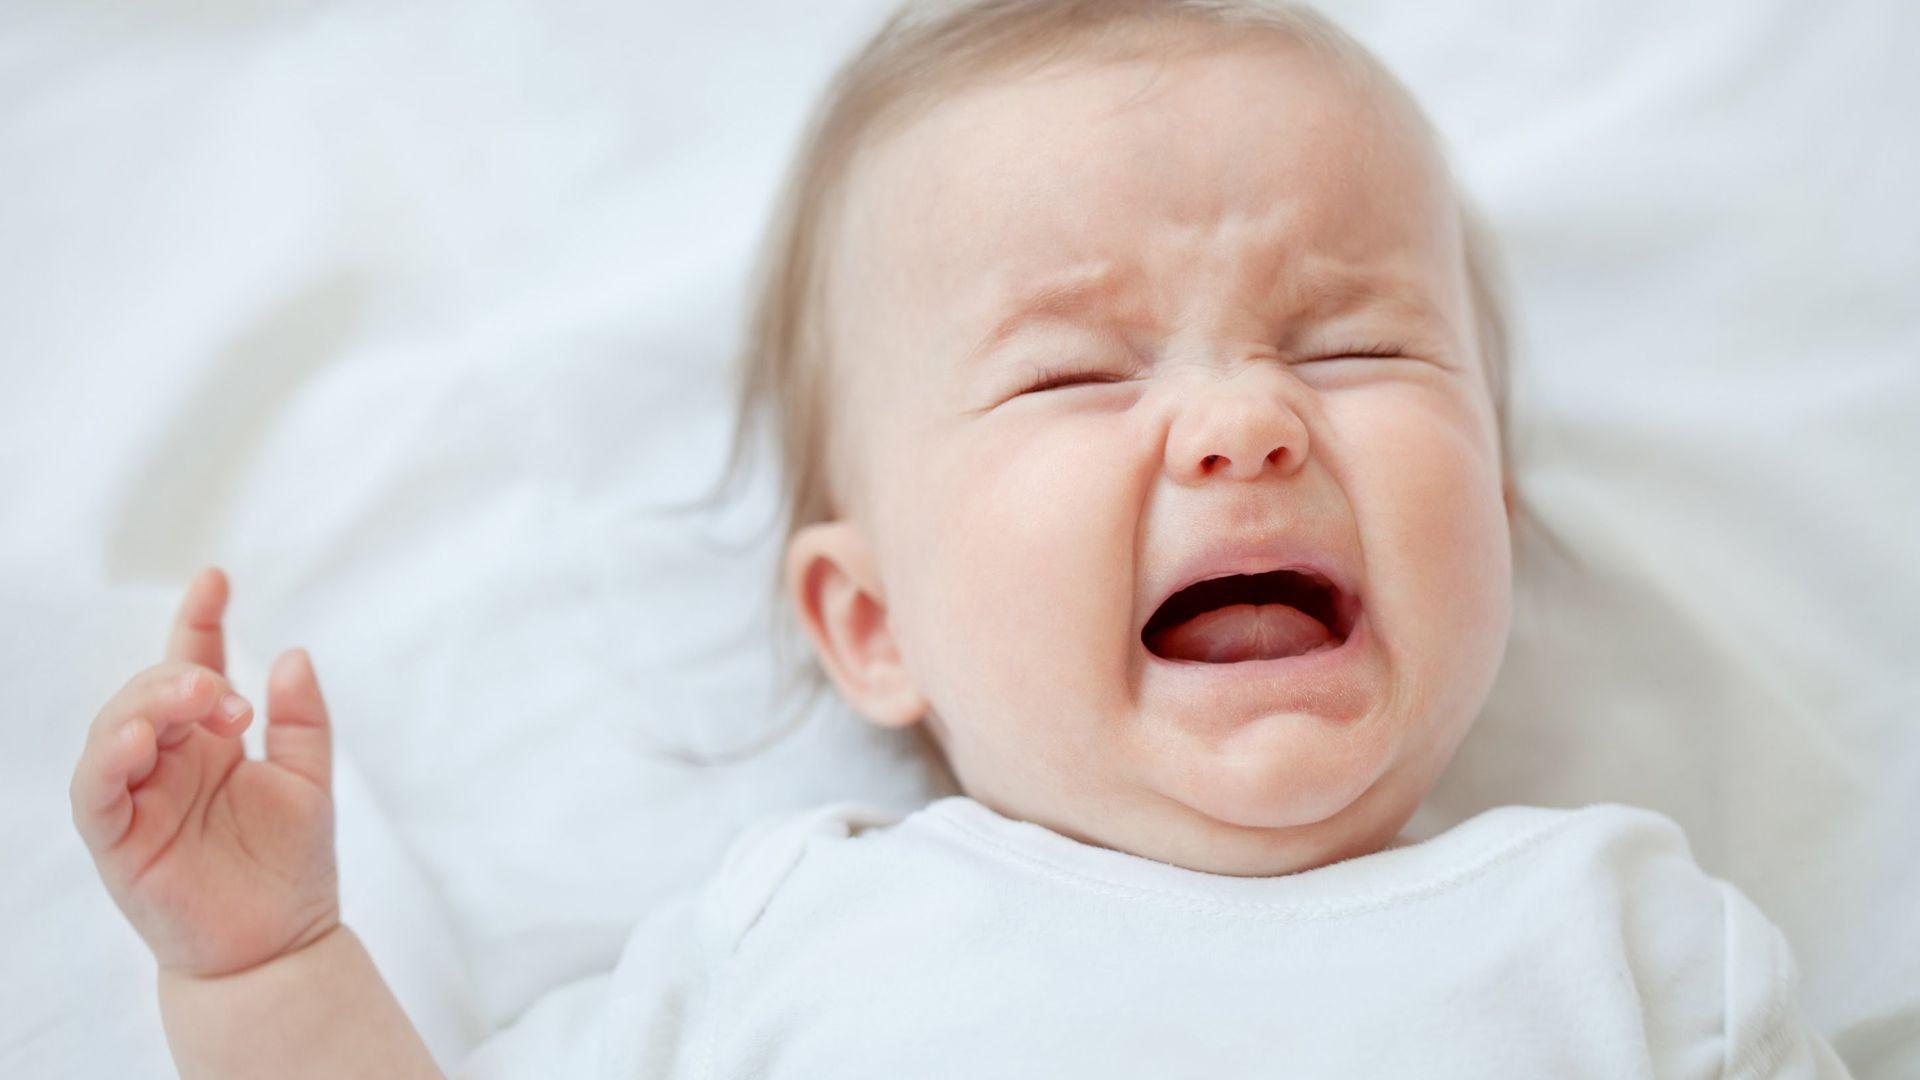 El llanto es la manera en que los niños comunican que hay un displacer. Las sacudidas pueden provocar en el bebé: daño cerebral permanente, ceguera, convulsiones, parálisis cerebral, parálisis, discapacidades del desarrollo y la muerte. Desde la Sociedad Argentina de Pediatría, aconsejan tener en cuenta que antes del año de vida, es más frecuente que los chicos tengan crisis de llanto. Hay que pedir ayuda en el cuidado para no desbordarse.